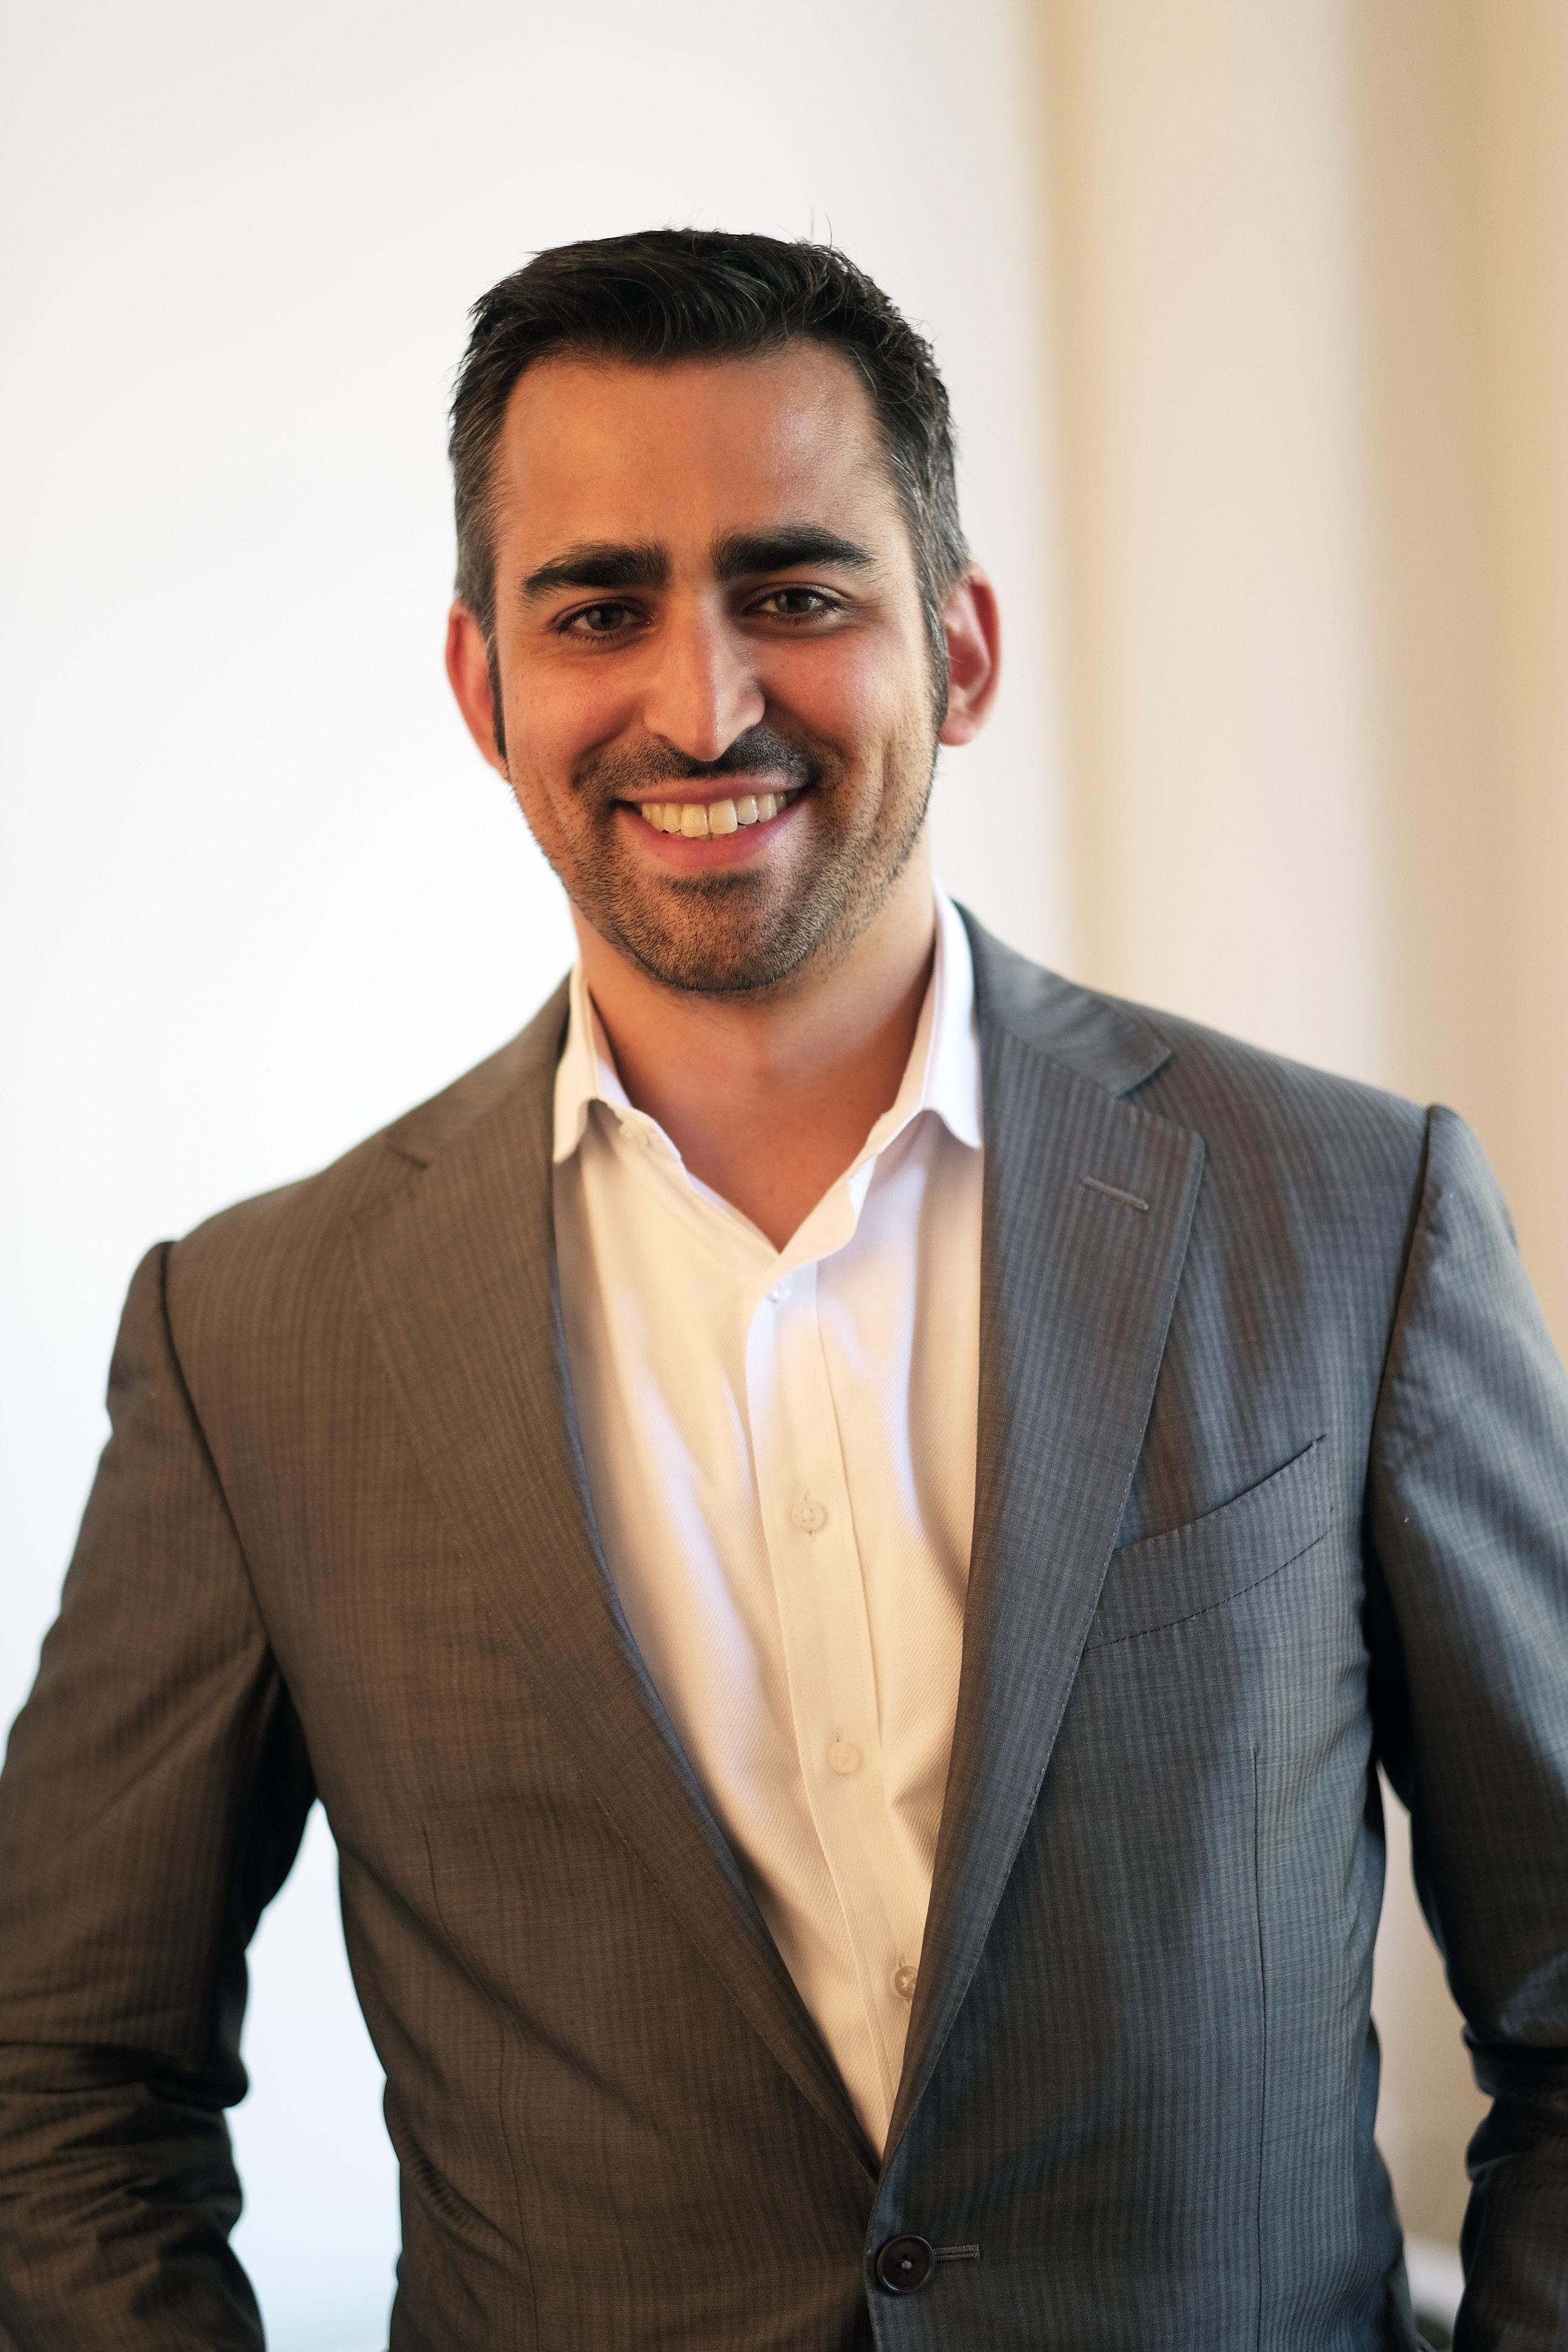 Gerard Chandrahasen